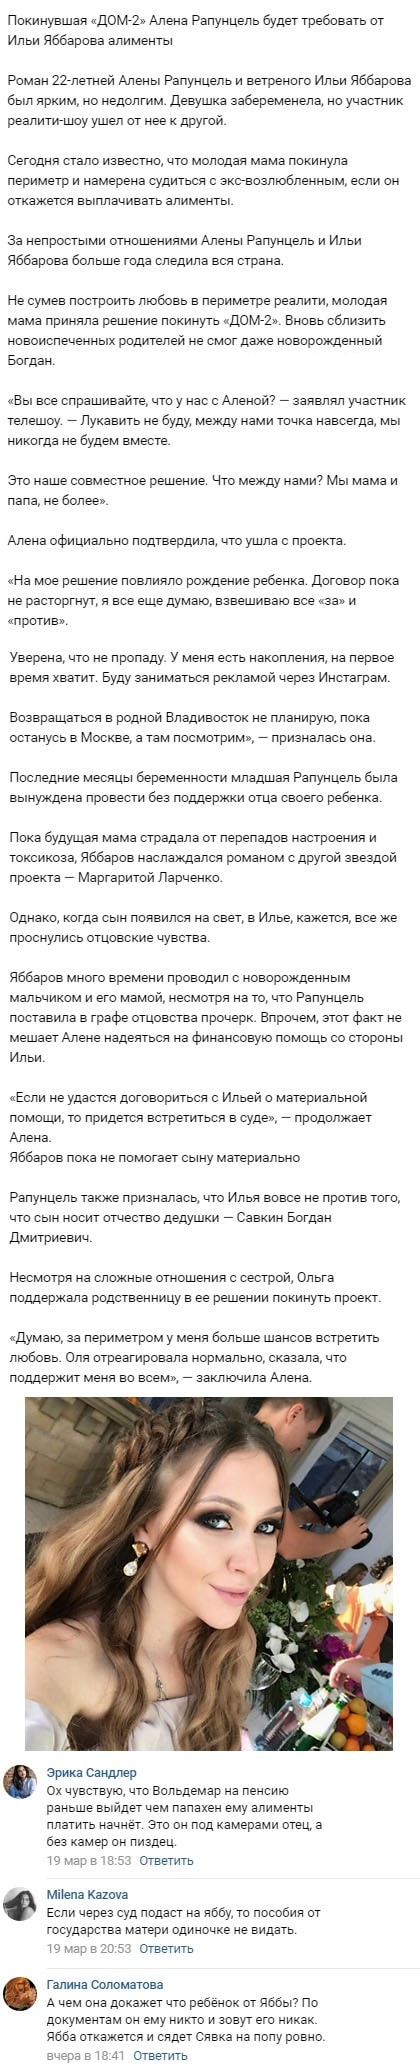 Алена Савкина нашла способ выбить алименты с Ильи Яббарова